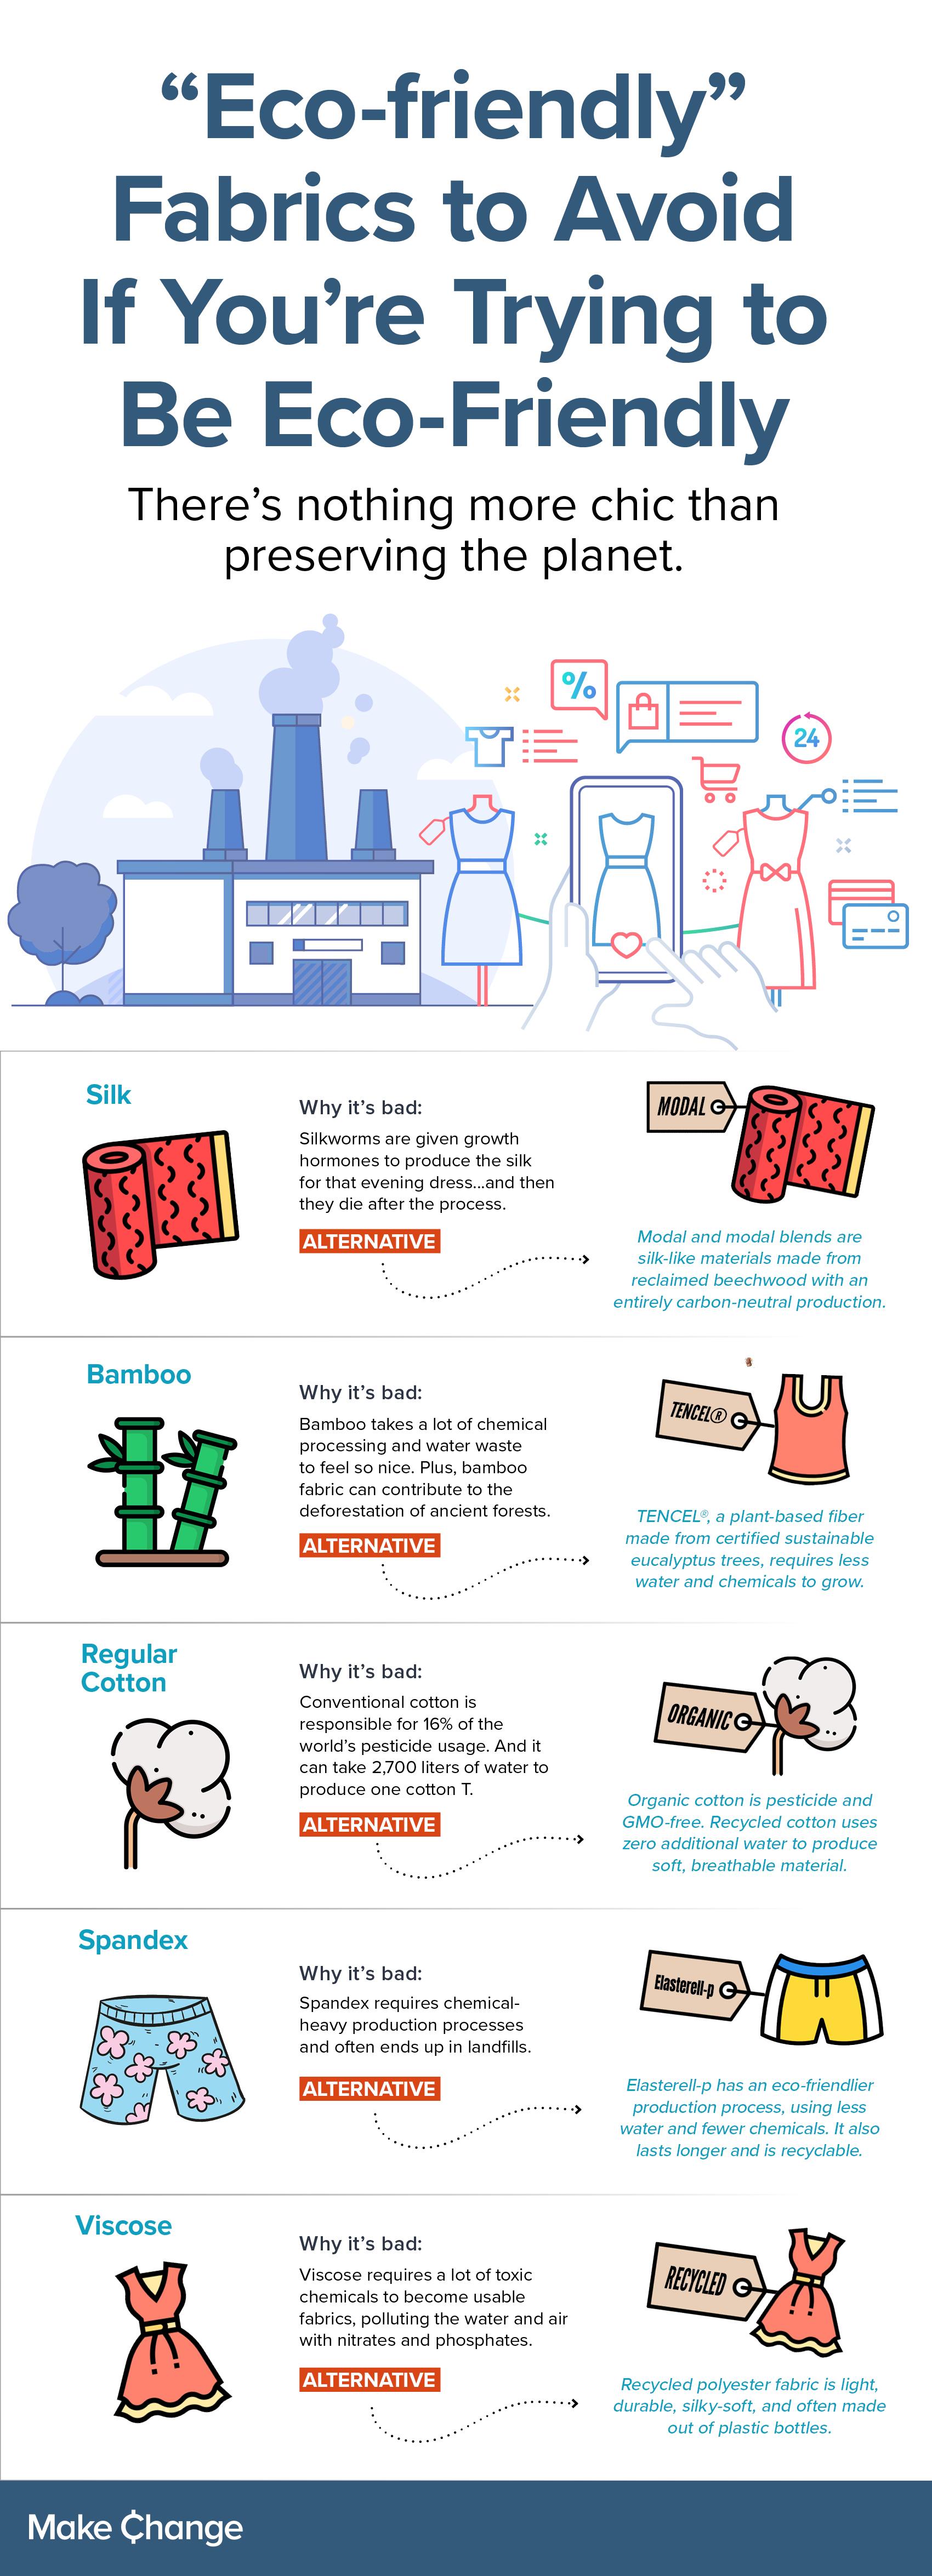 ecofabric-makechange-infographic.jpg